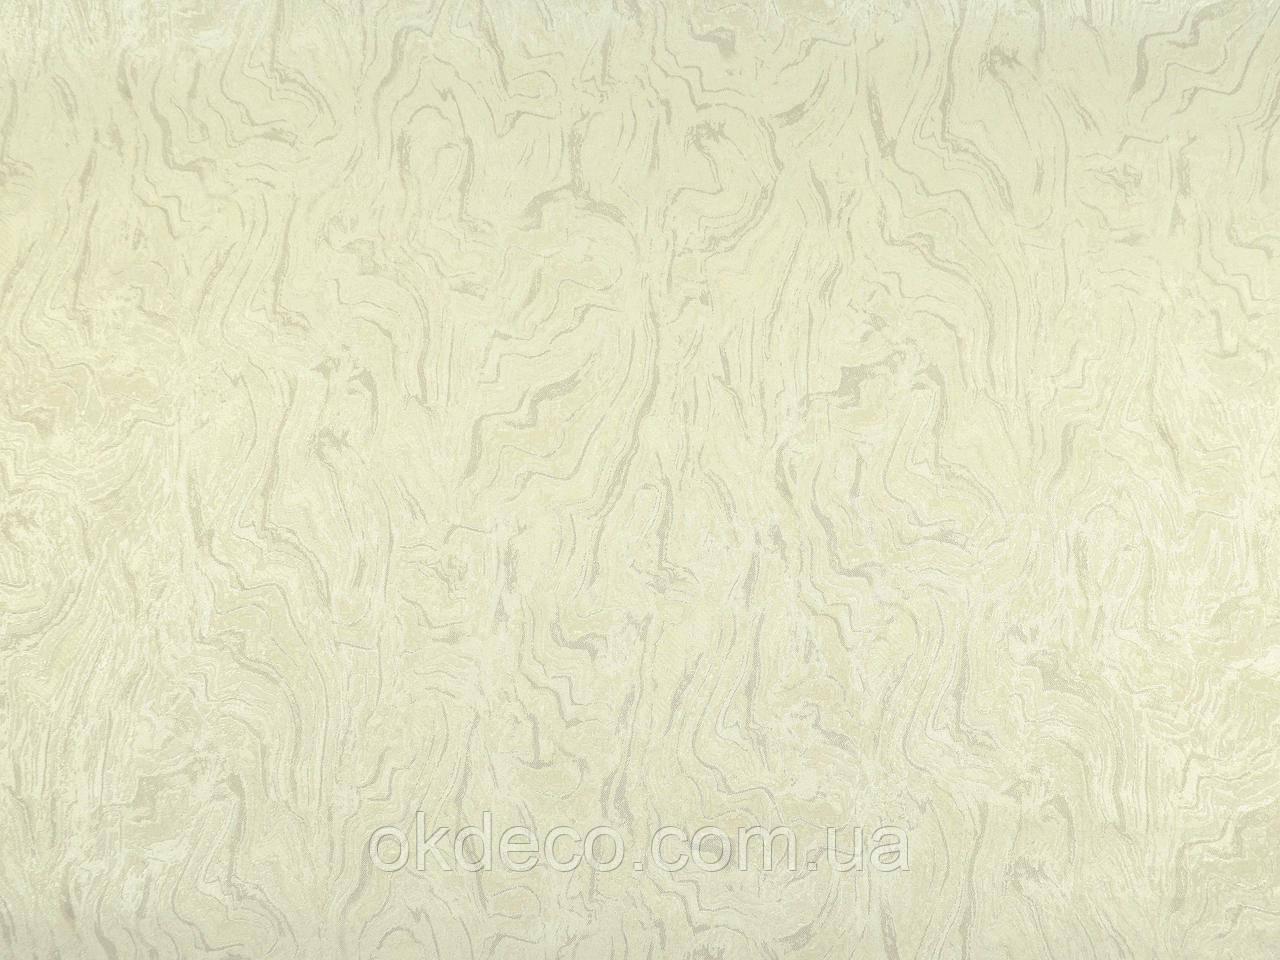 Обои виниловые на флизелиновой основе ArtGrand Dinastia 718DN93